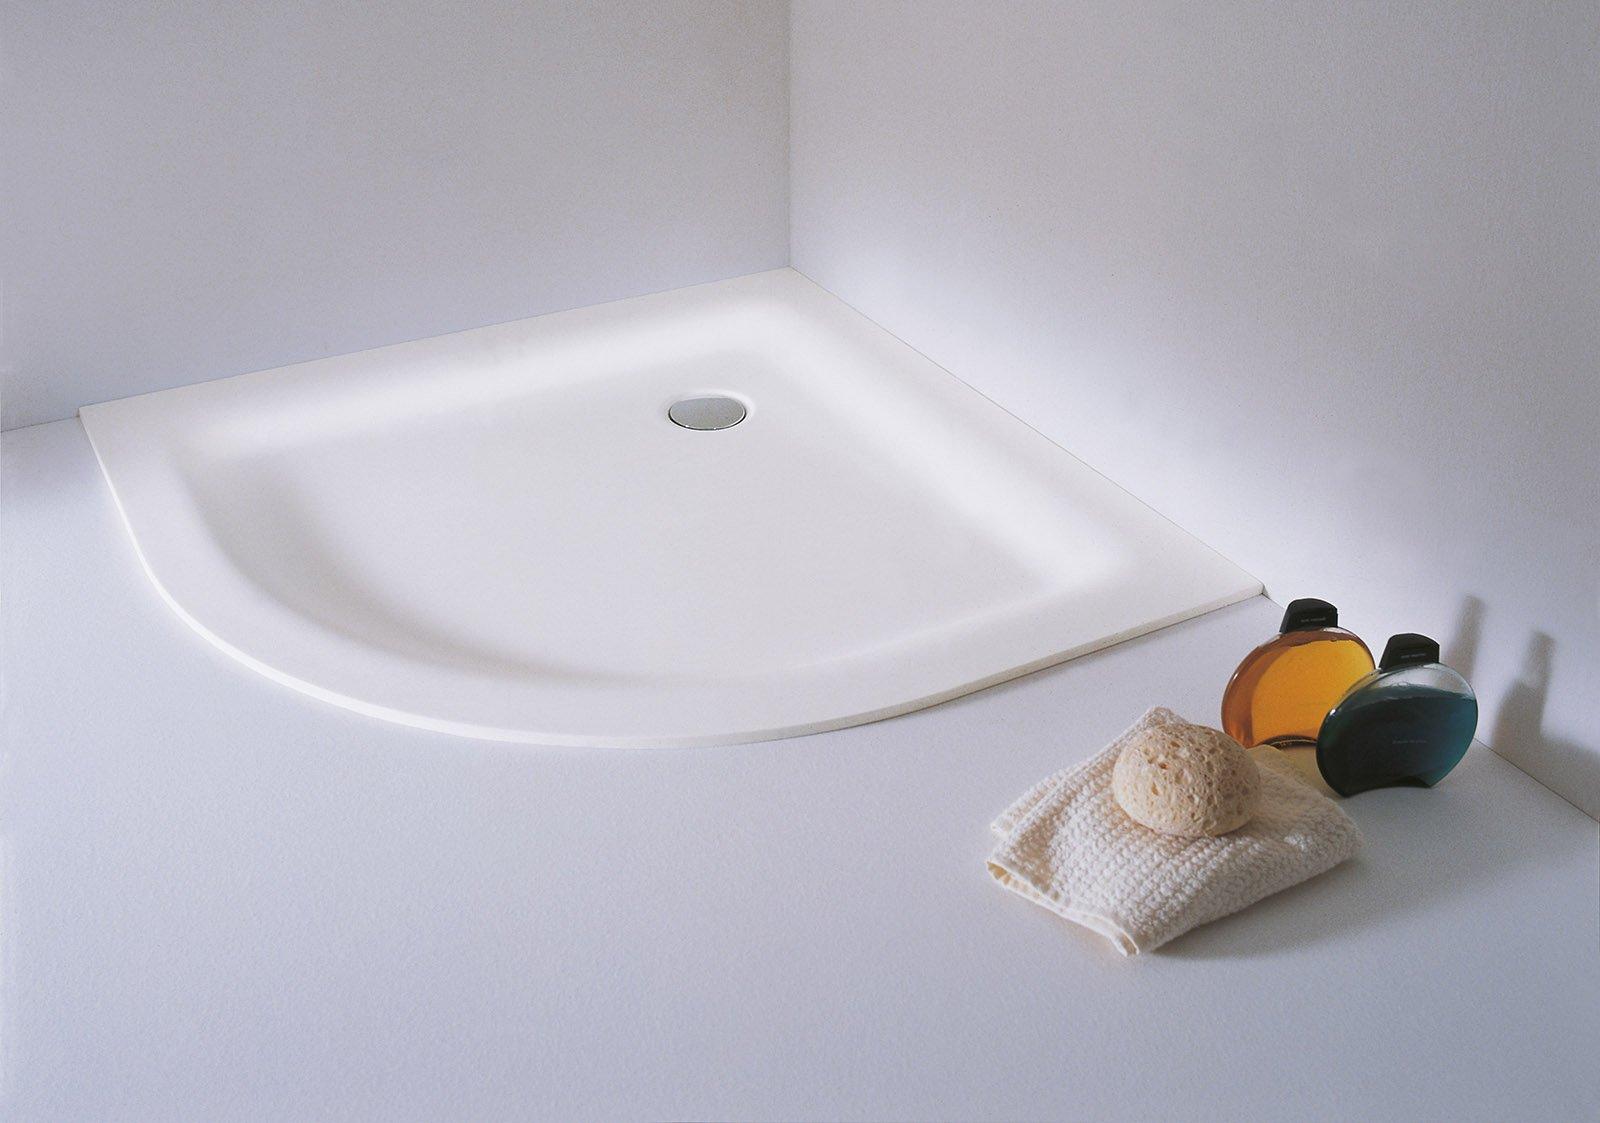 Piatto doccia quadrato rettangolare irregolare cose - Piatto doccia piccole dimensioni ...